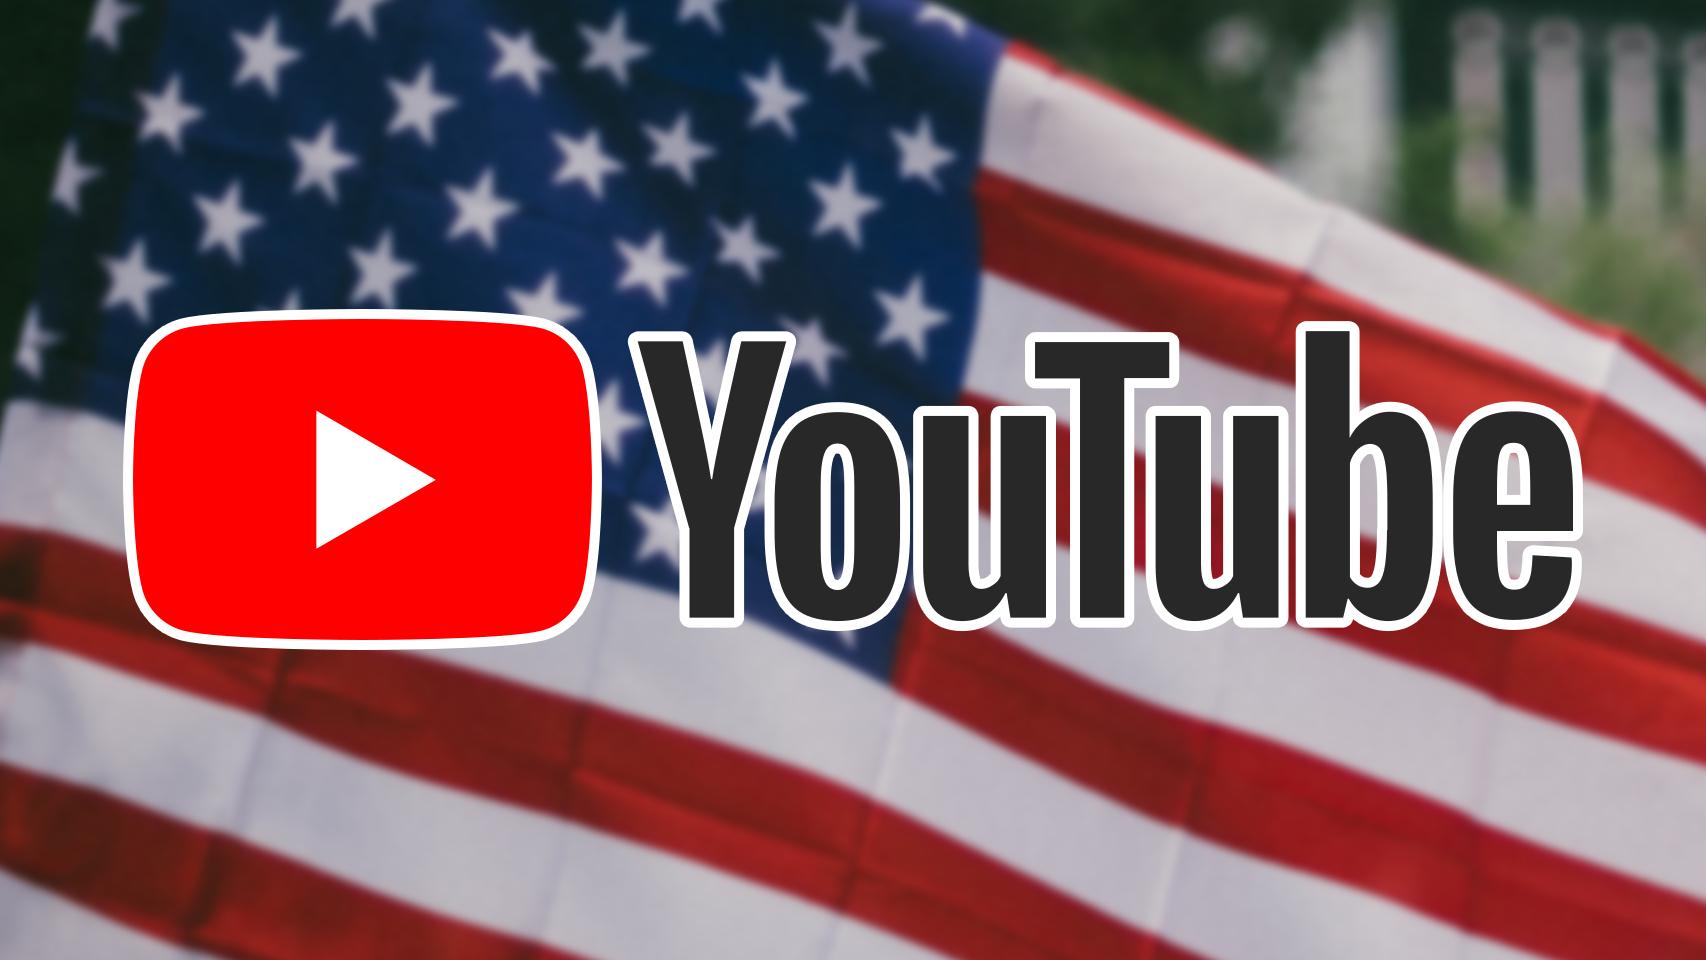 Logo de YouTube y bandera americana